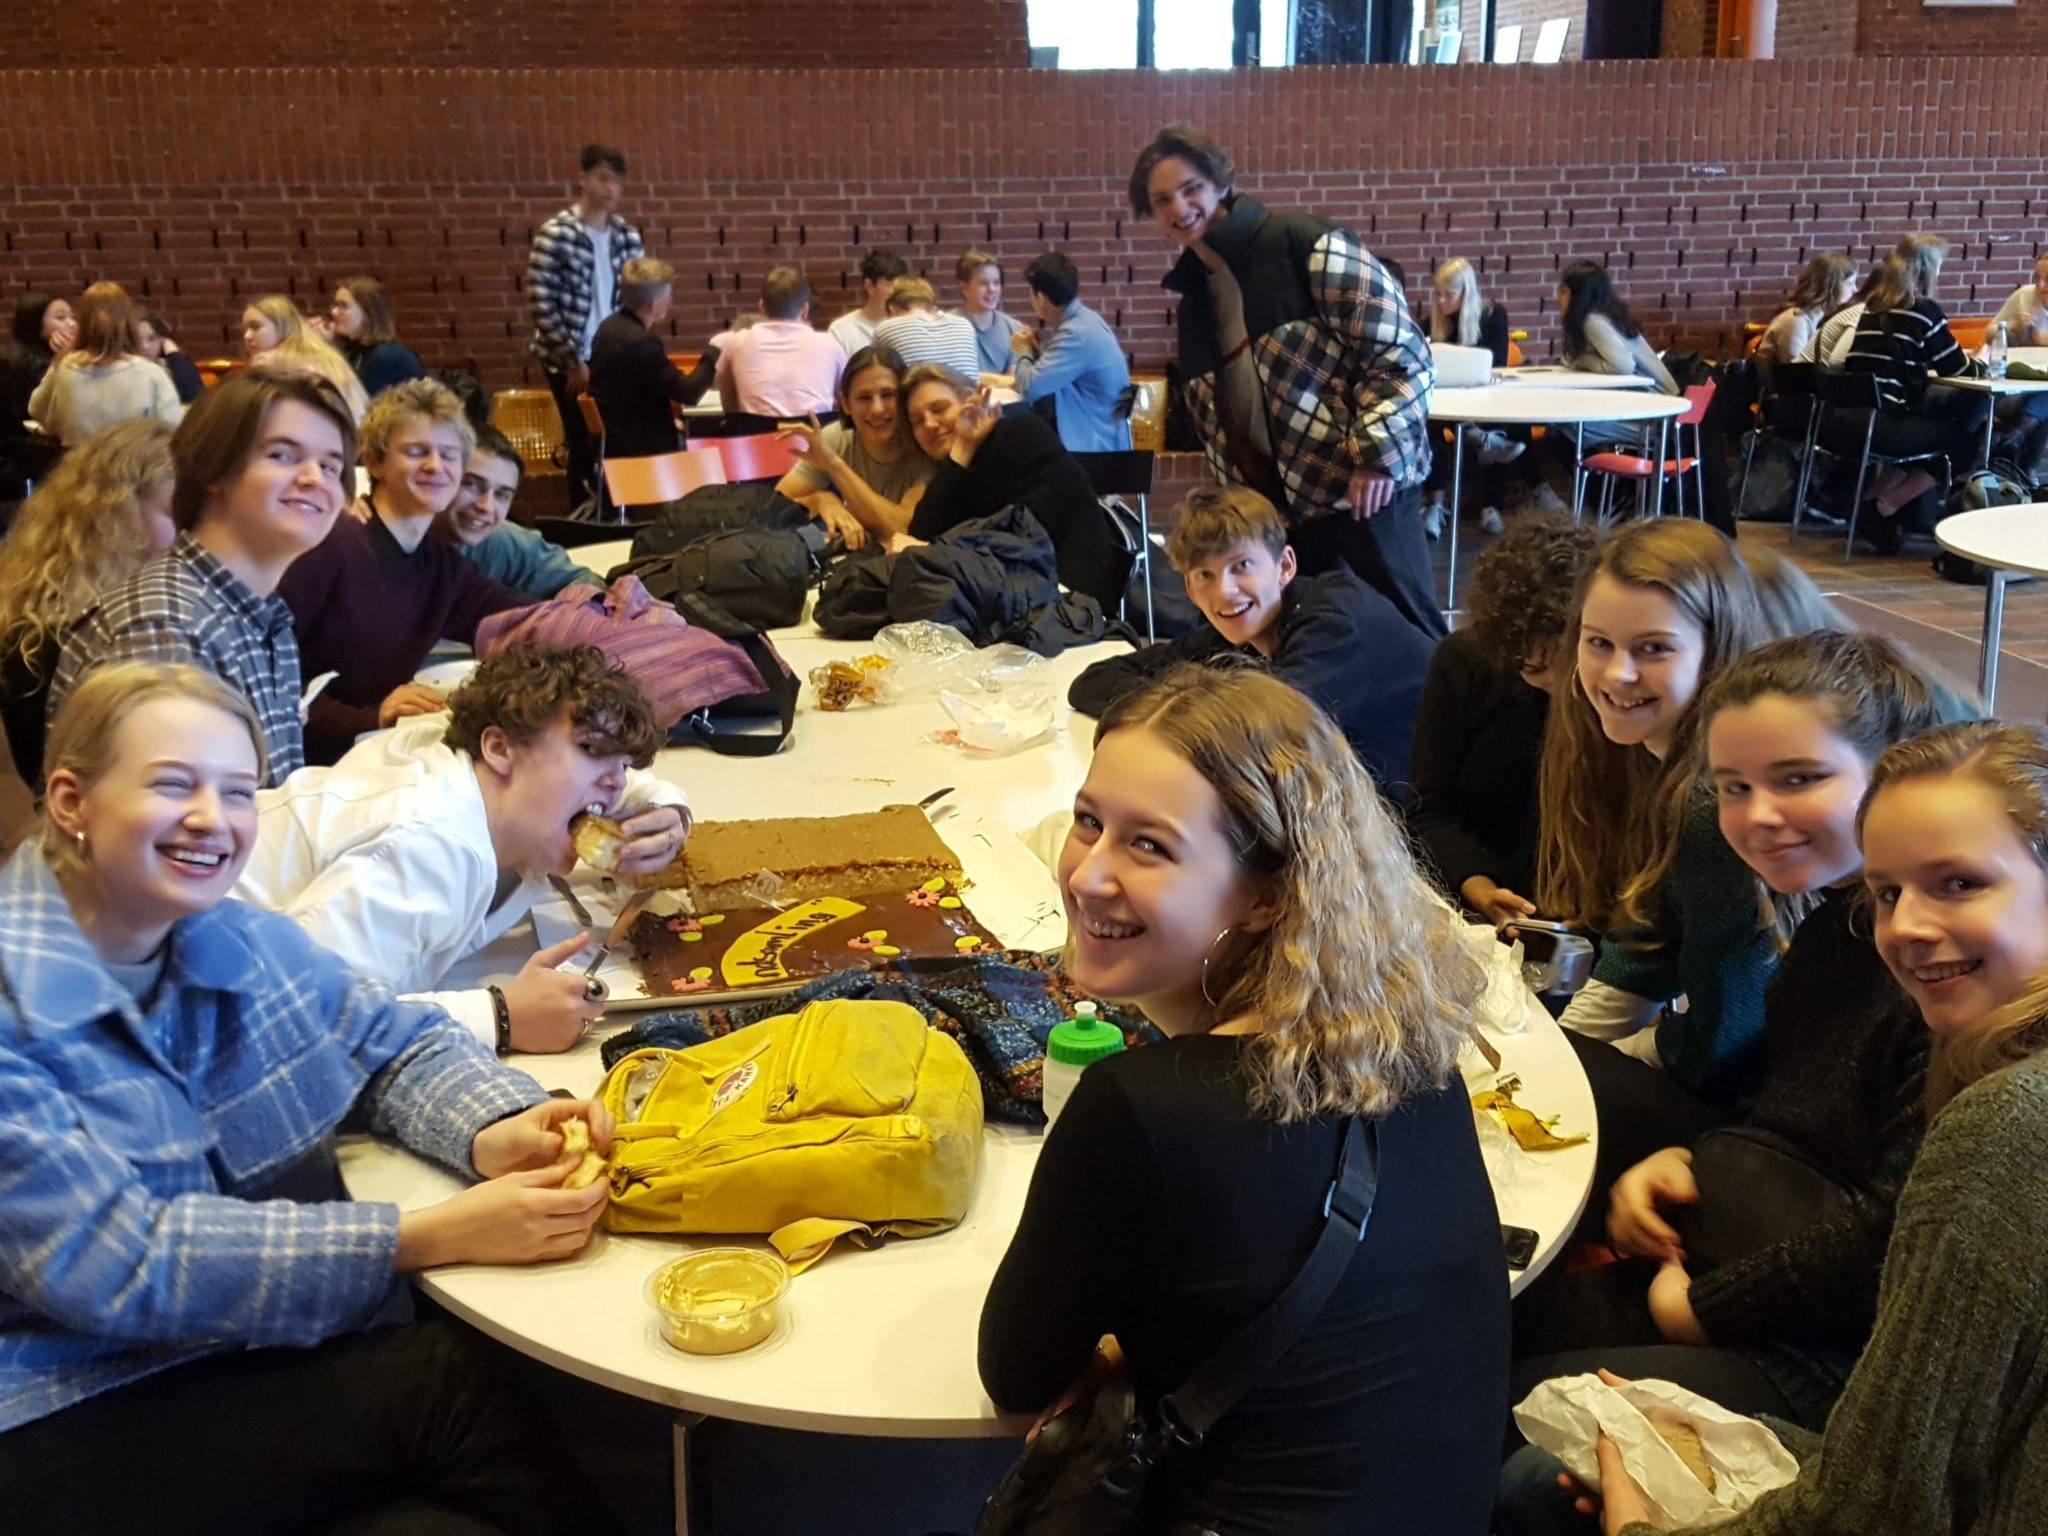 Danmarks største fredagscafé 2019 blev vundet af Grenaa Gymnasium